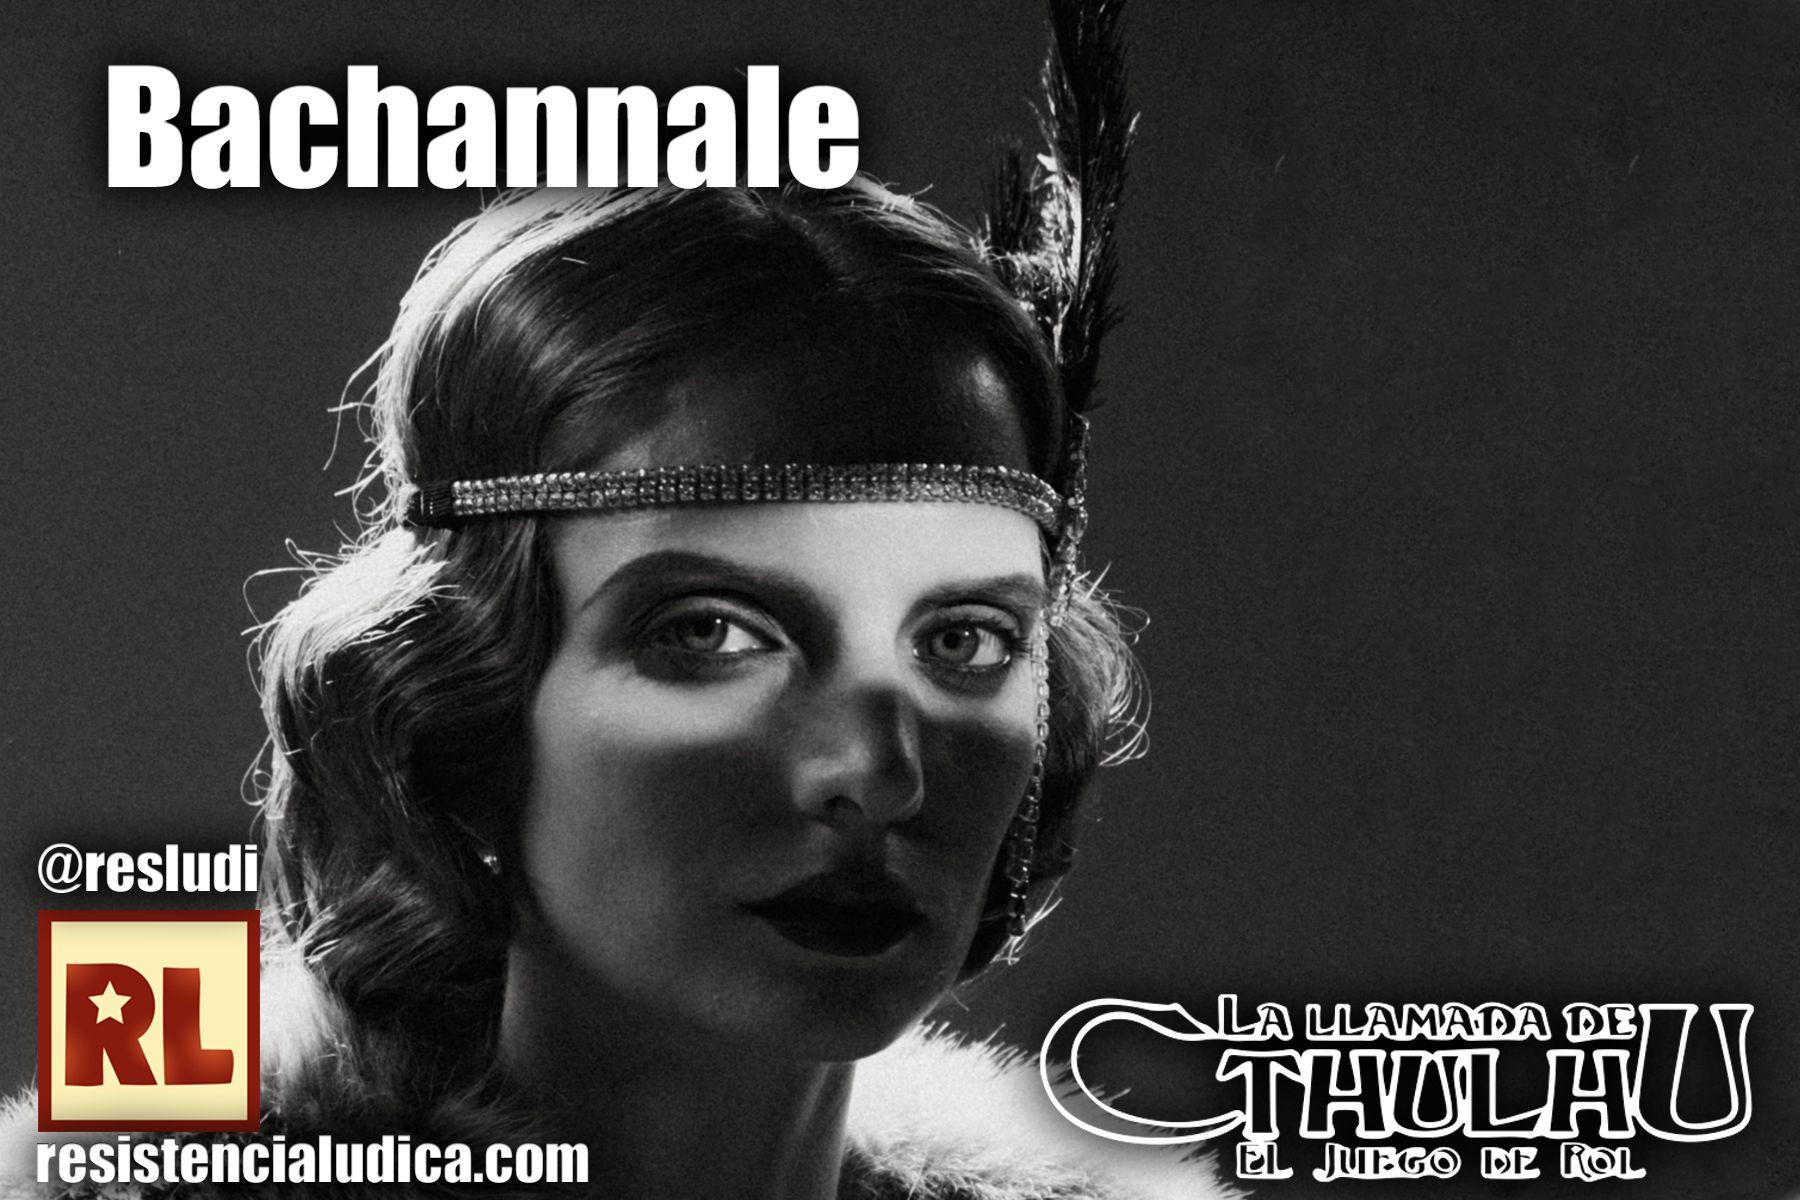 Rol - ✈ Bachannale (La llamada de Cthulhu 7) RL